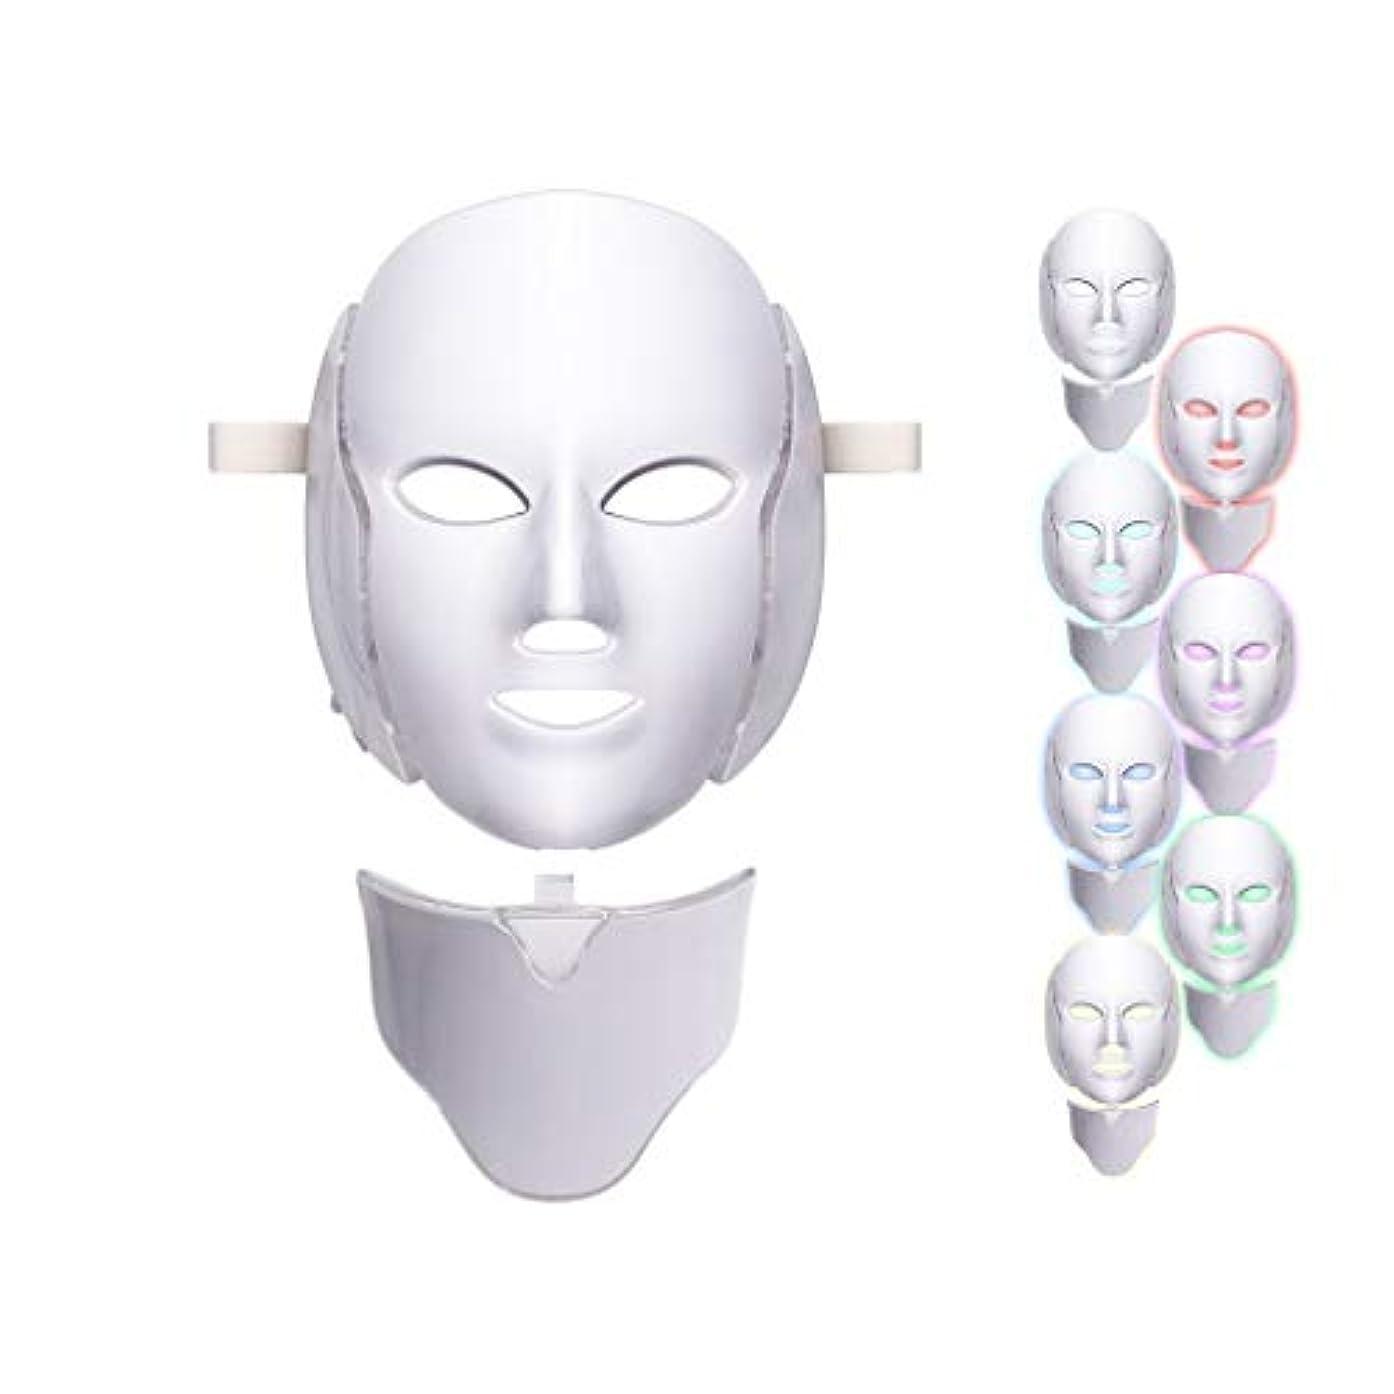 インキュバスむしゃむしゃ効率7色LEDライトセラピーフェイスケアマスク、フェイシャルライトスキン若返りフェイスマスクケアトリートメント美容